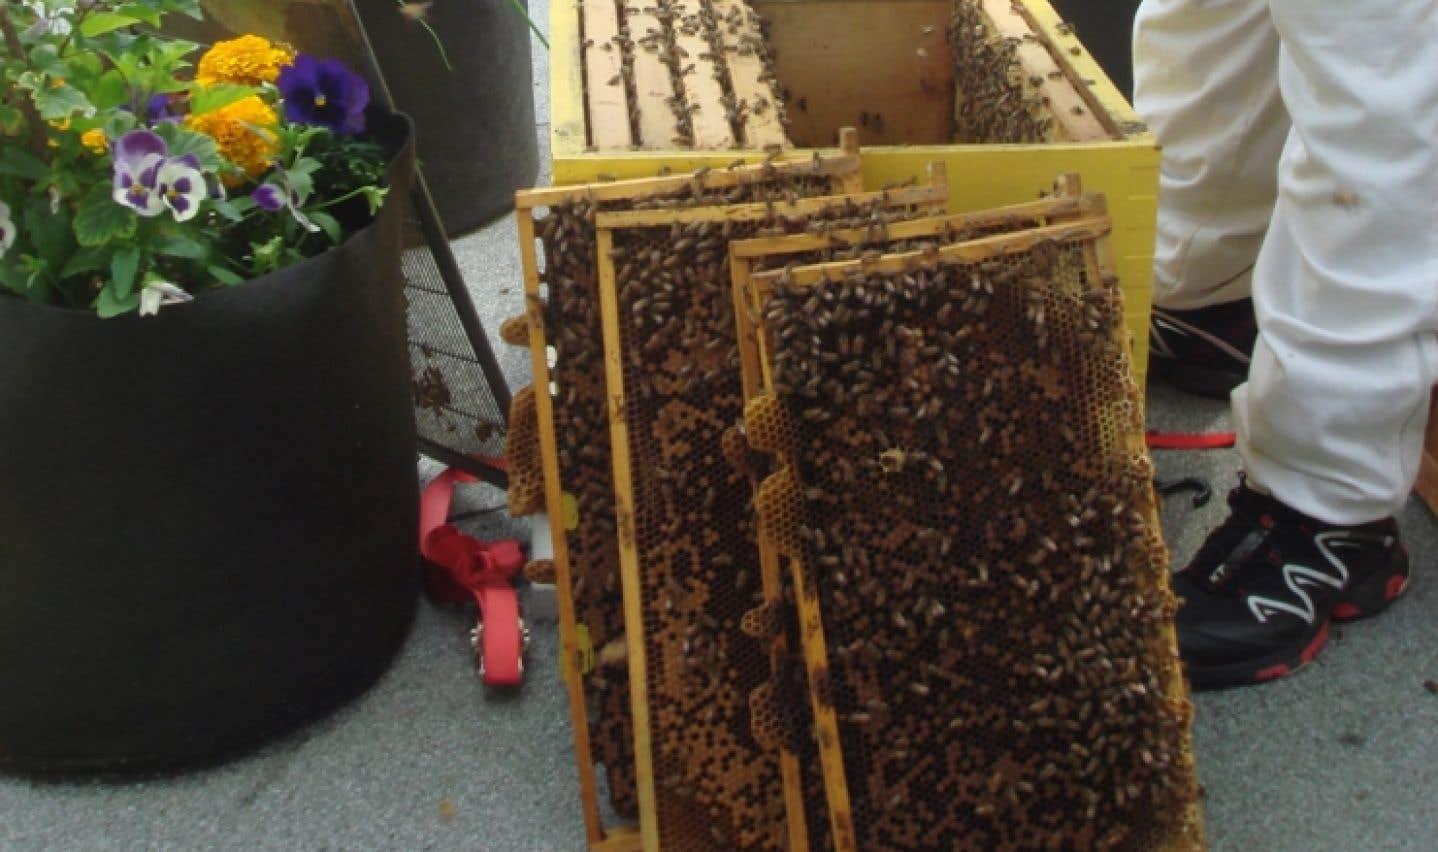 Près d'un tiers des colonies d'abeilles ont été décimées l'hiver dernier aux États-Unis